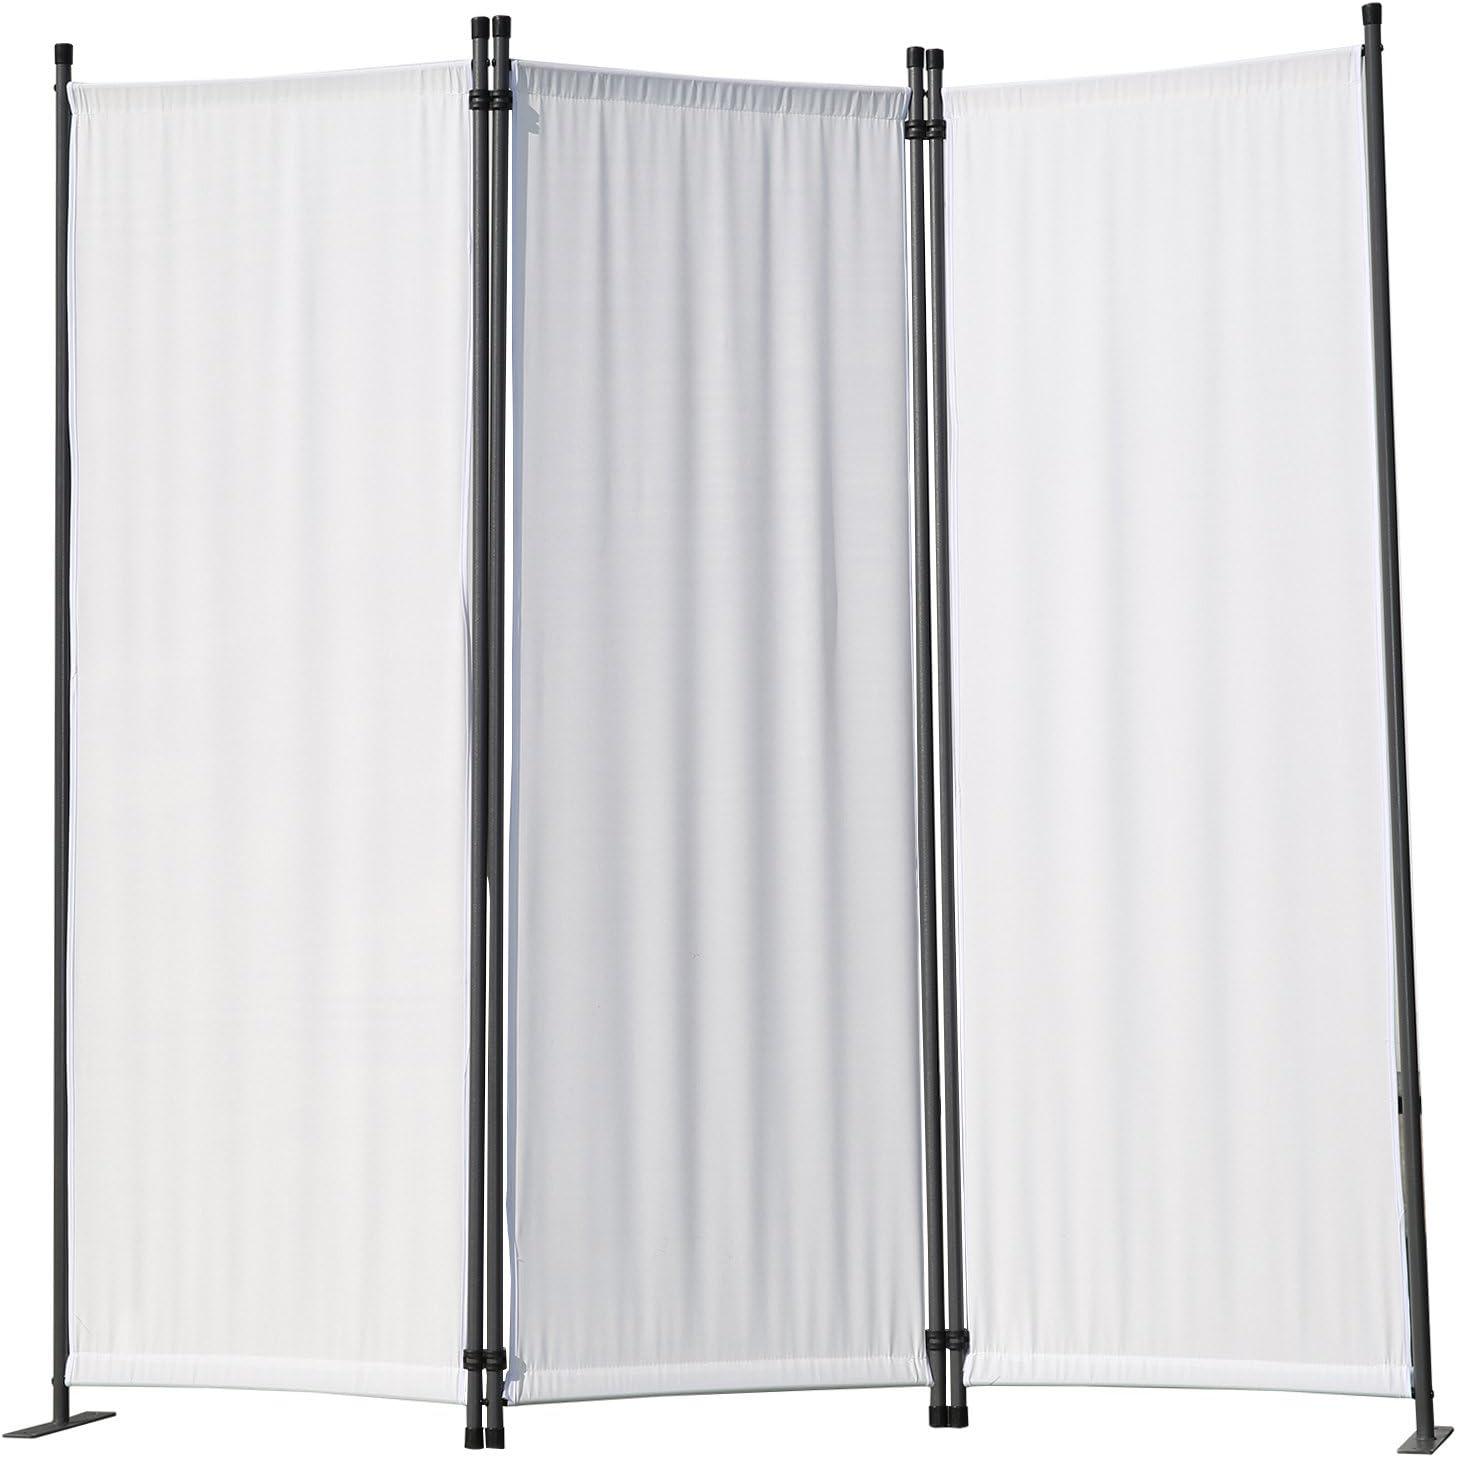 Angel Living Biombo Separador de 3 Paneles, Decoración Elegante, Separador de Ambientes Plegable, Divisor de Habitaciones, 169X165 cm (Blanco)